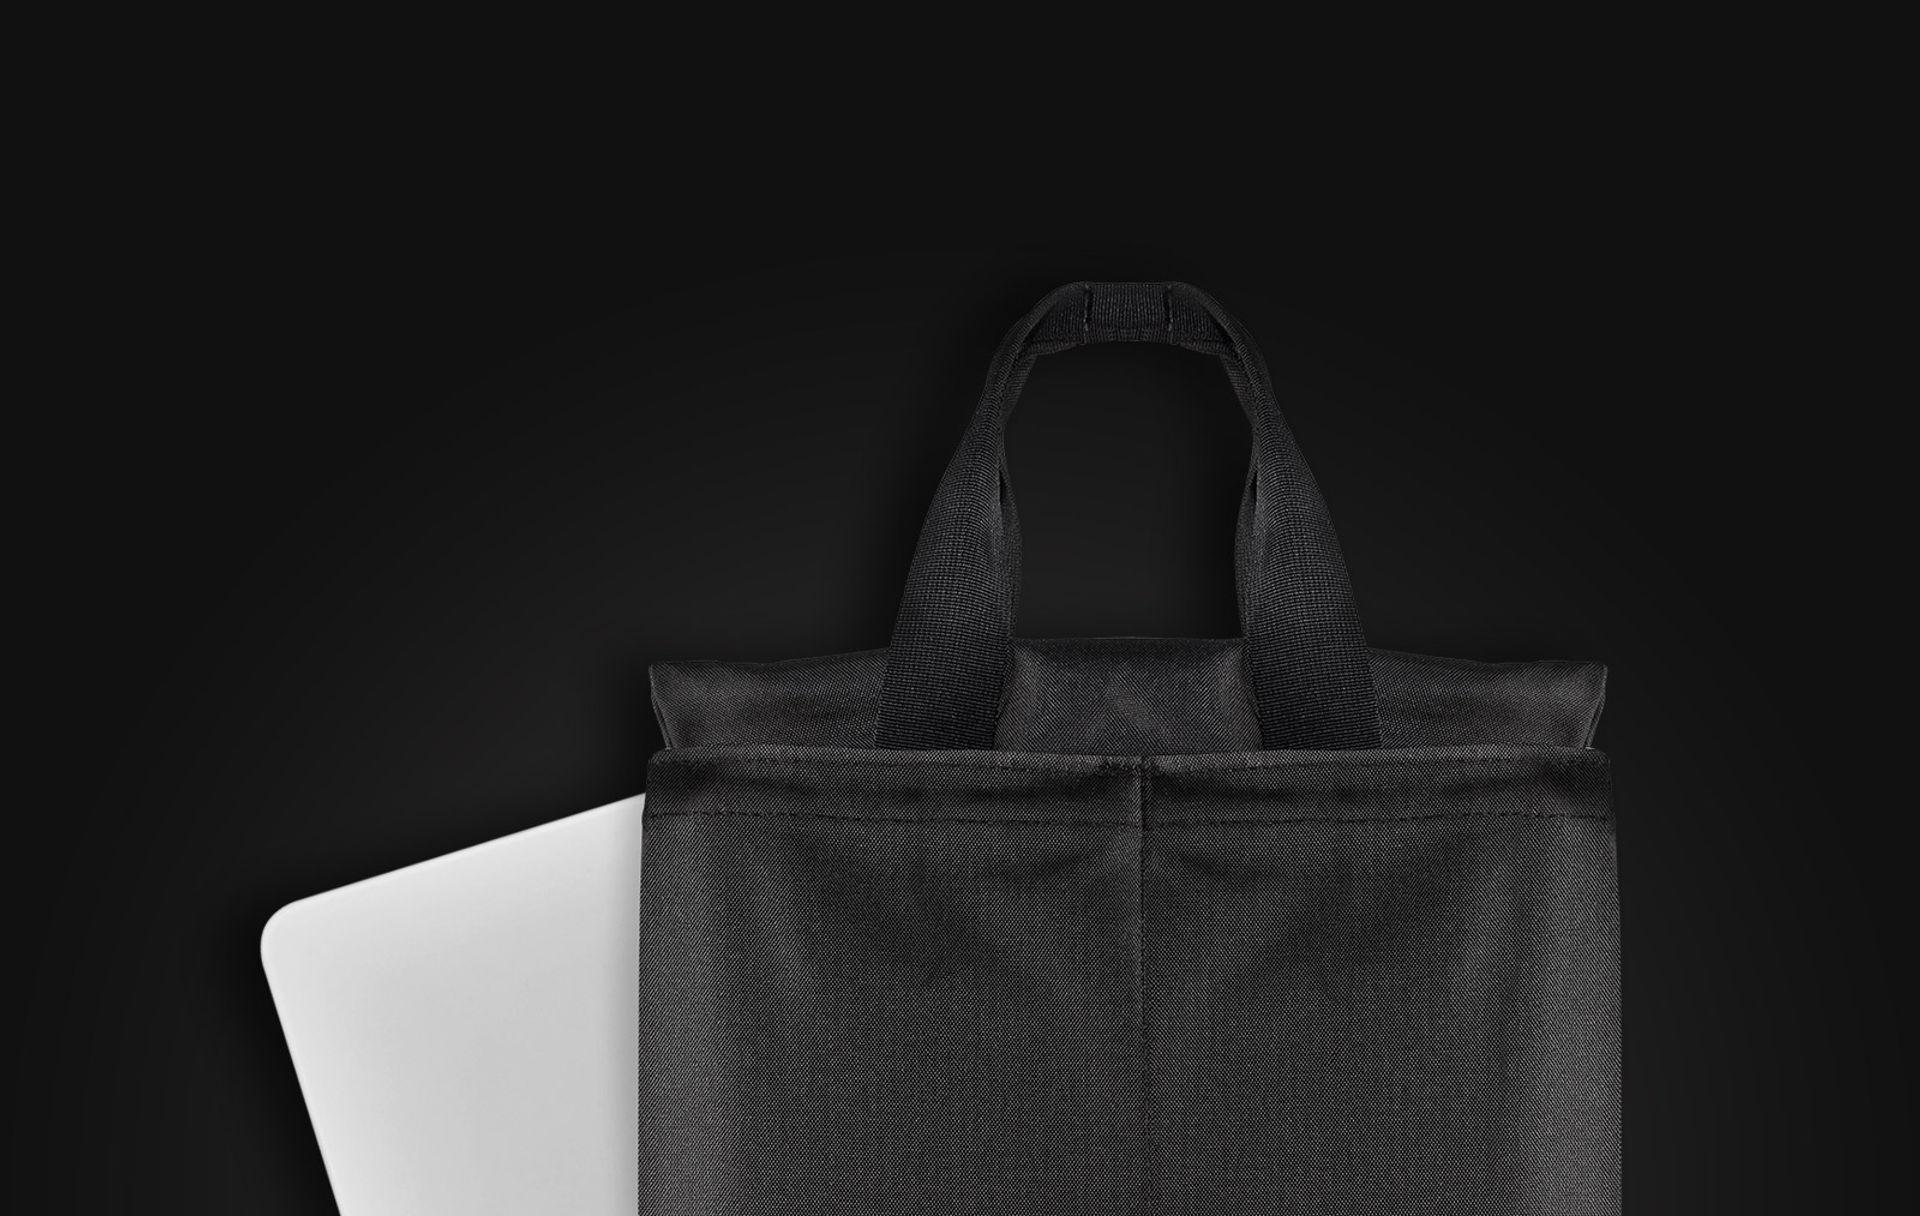 Der Artwizz Eco BackPack im Detail